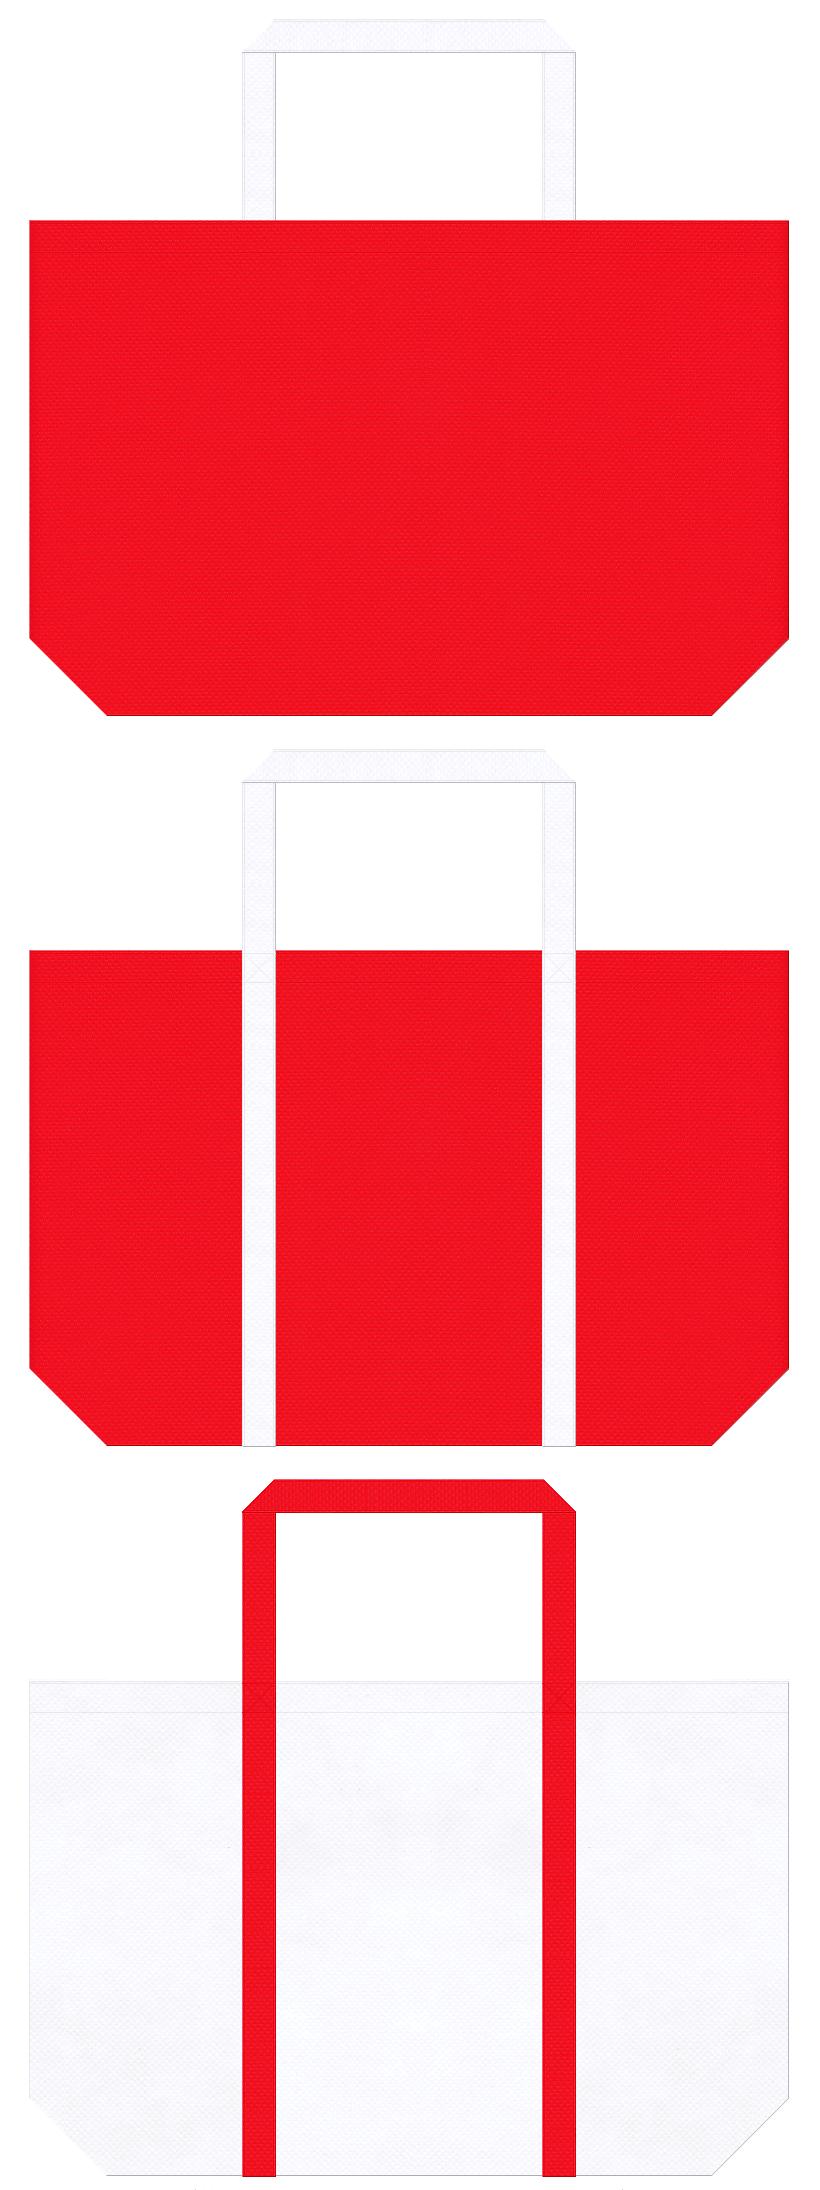 救急用品・レスキュー隊・消防団・献血・医療施設・病院・医療セミナー・婚礼・お誕生日・ショートケーキ・サンタクロース・クリスマスセールにお奨めの不織布ショッピングバッグのデザイン:赤色と白色のコーデ